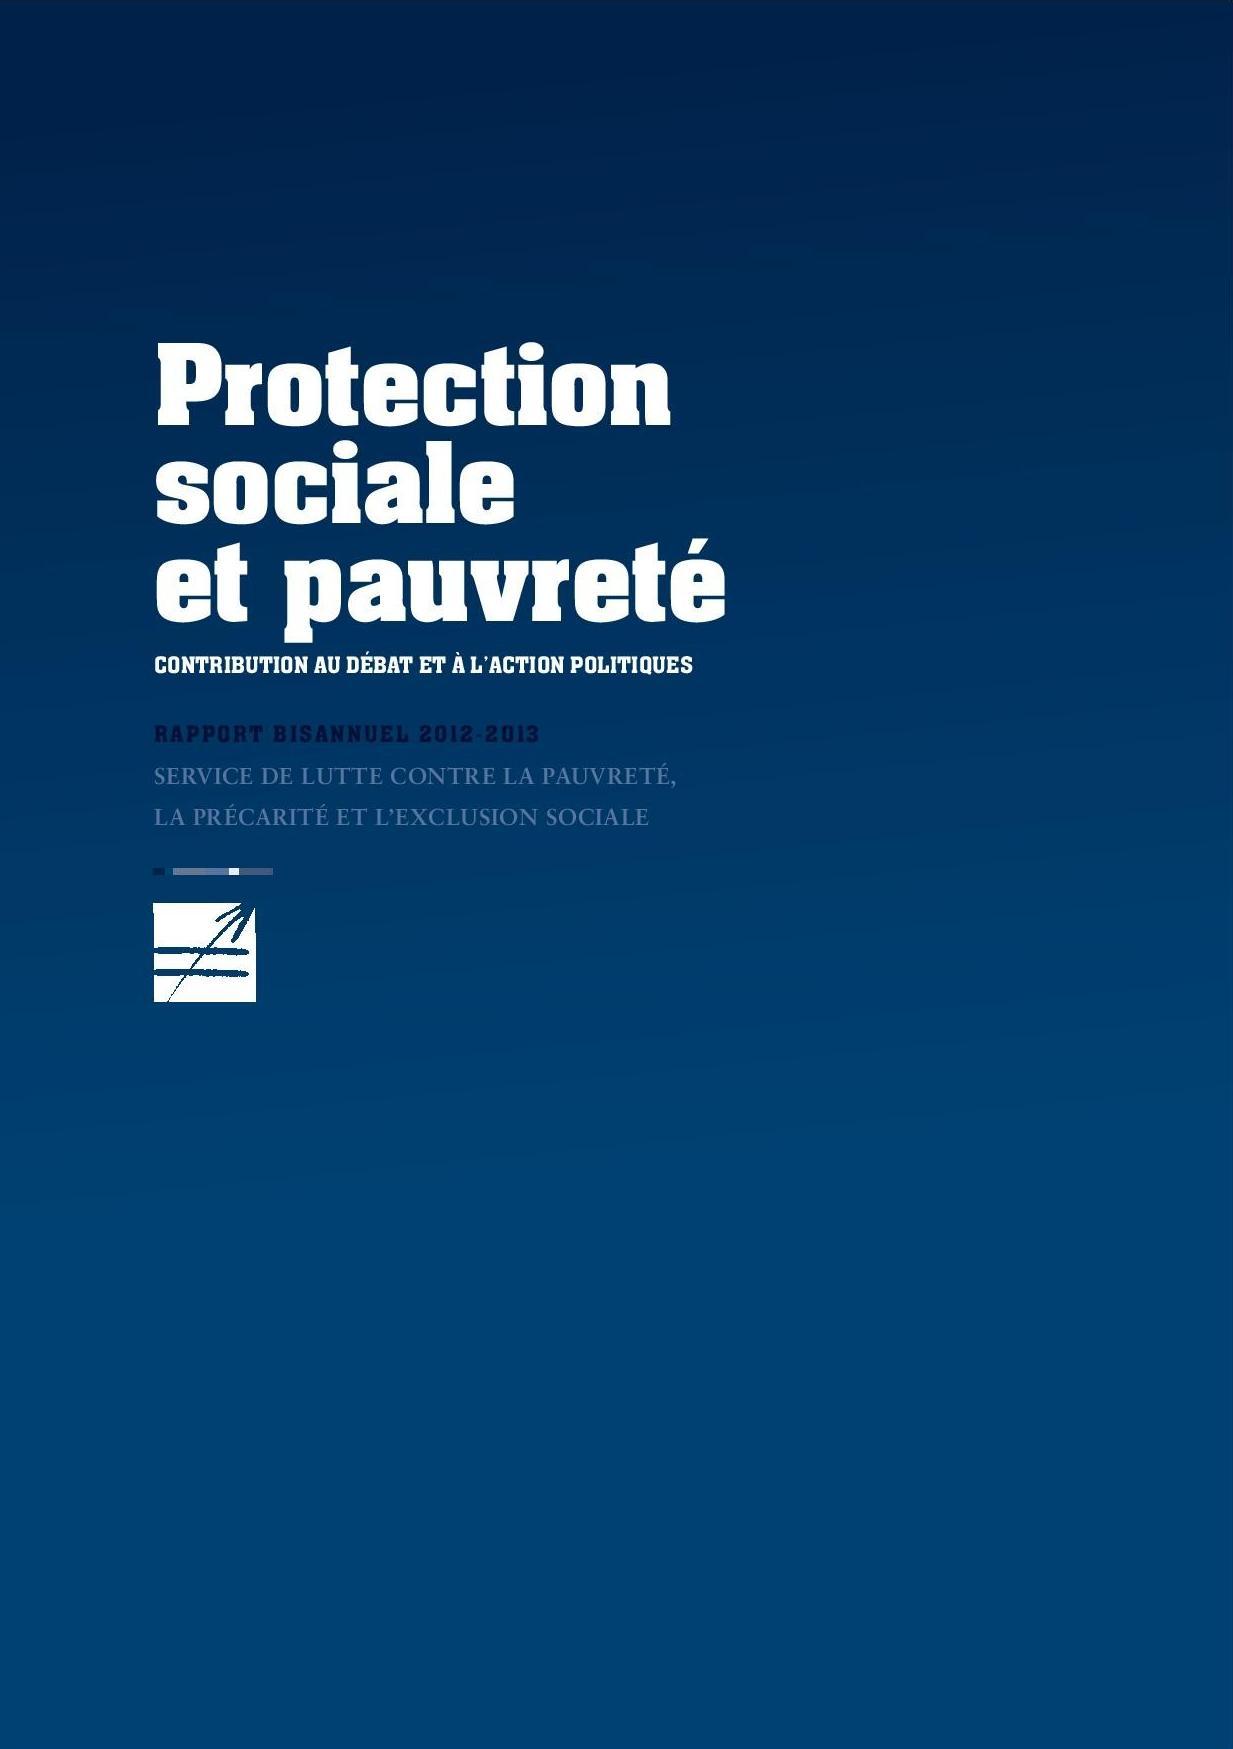 Protection sociale et pauvreté